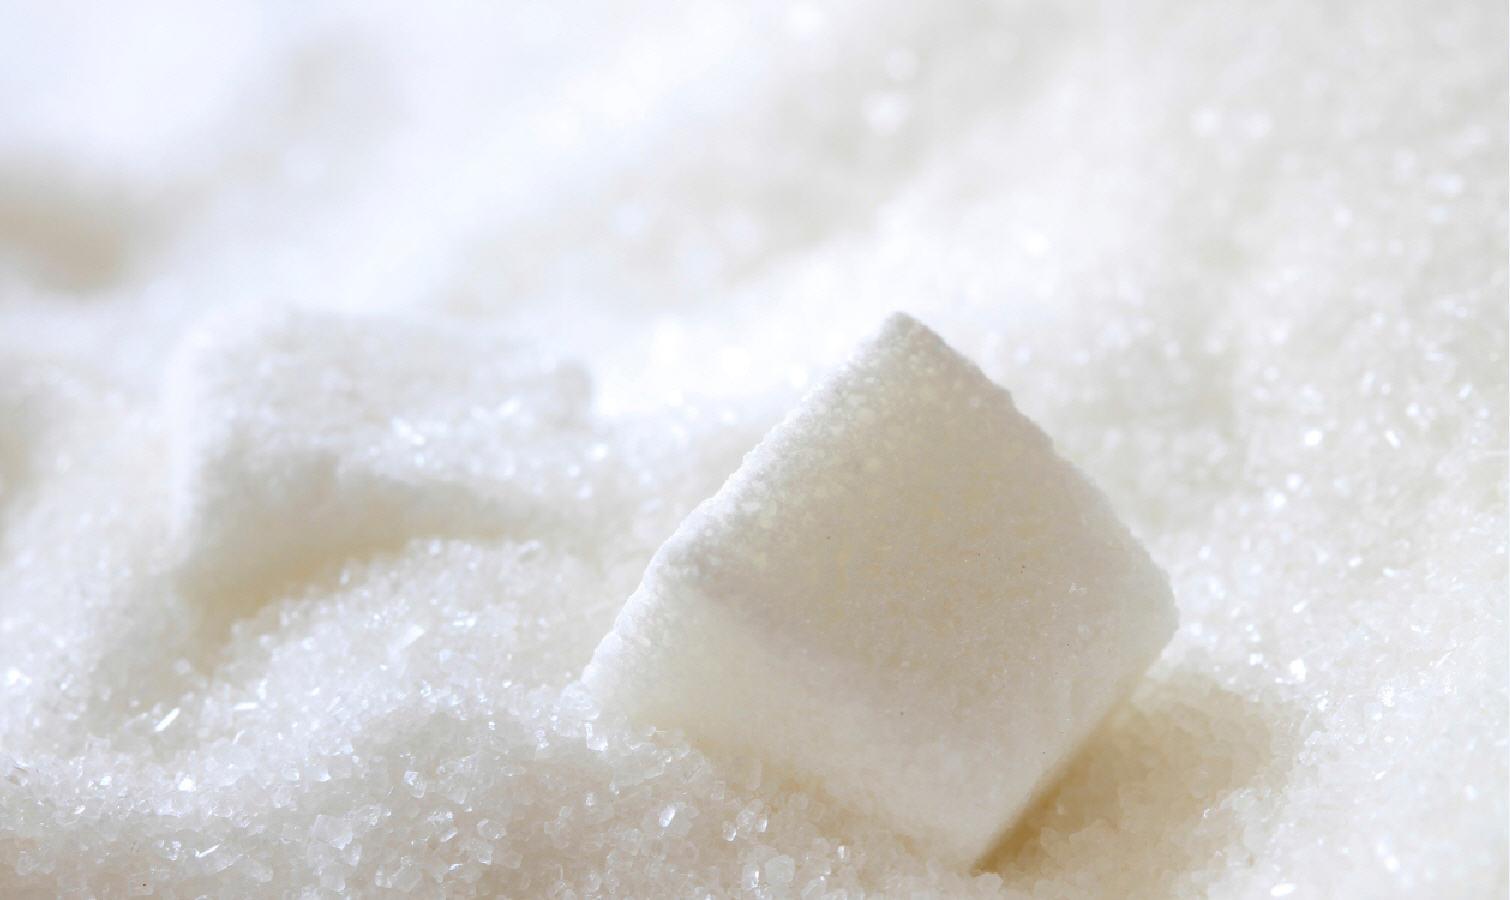 Від цих цифр аж очі лізуть на лоба: в Україні піднімлять ціну на цукор